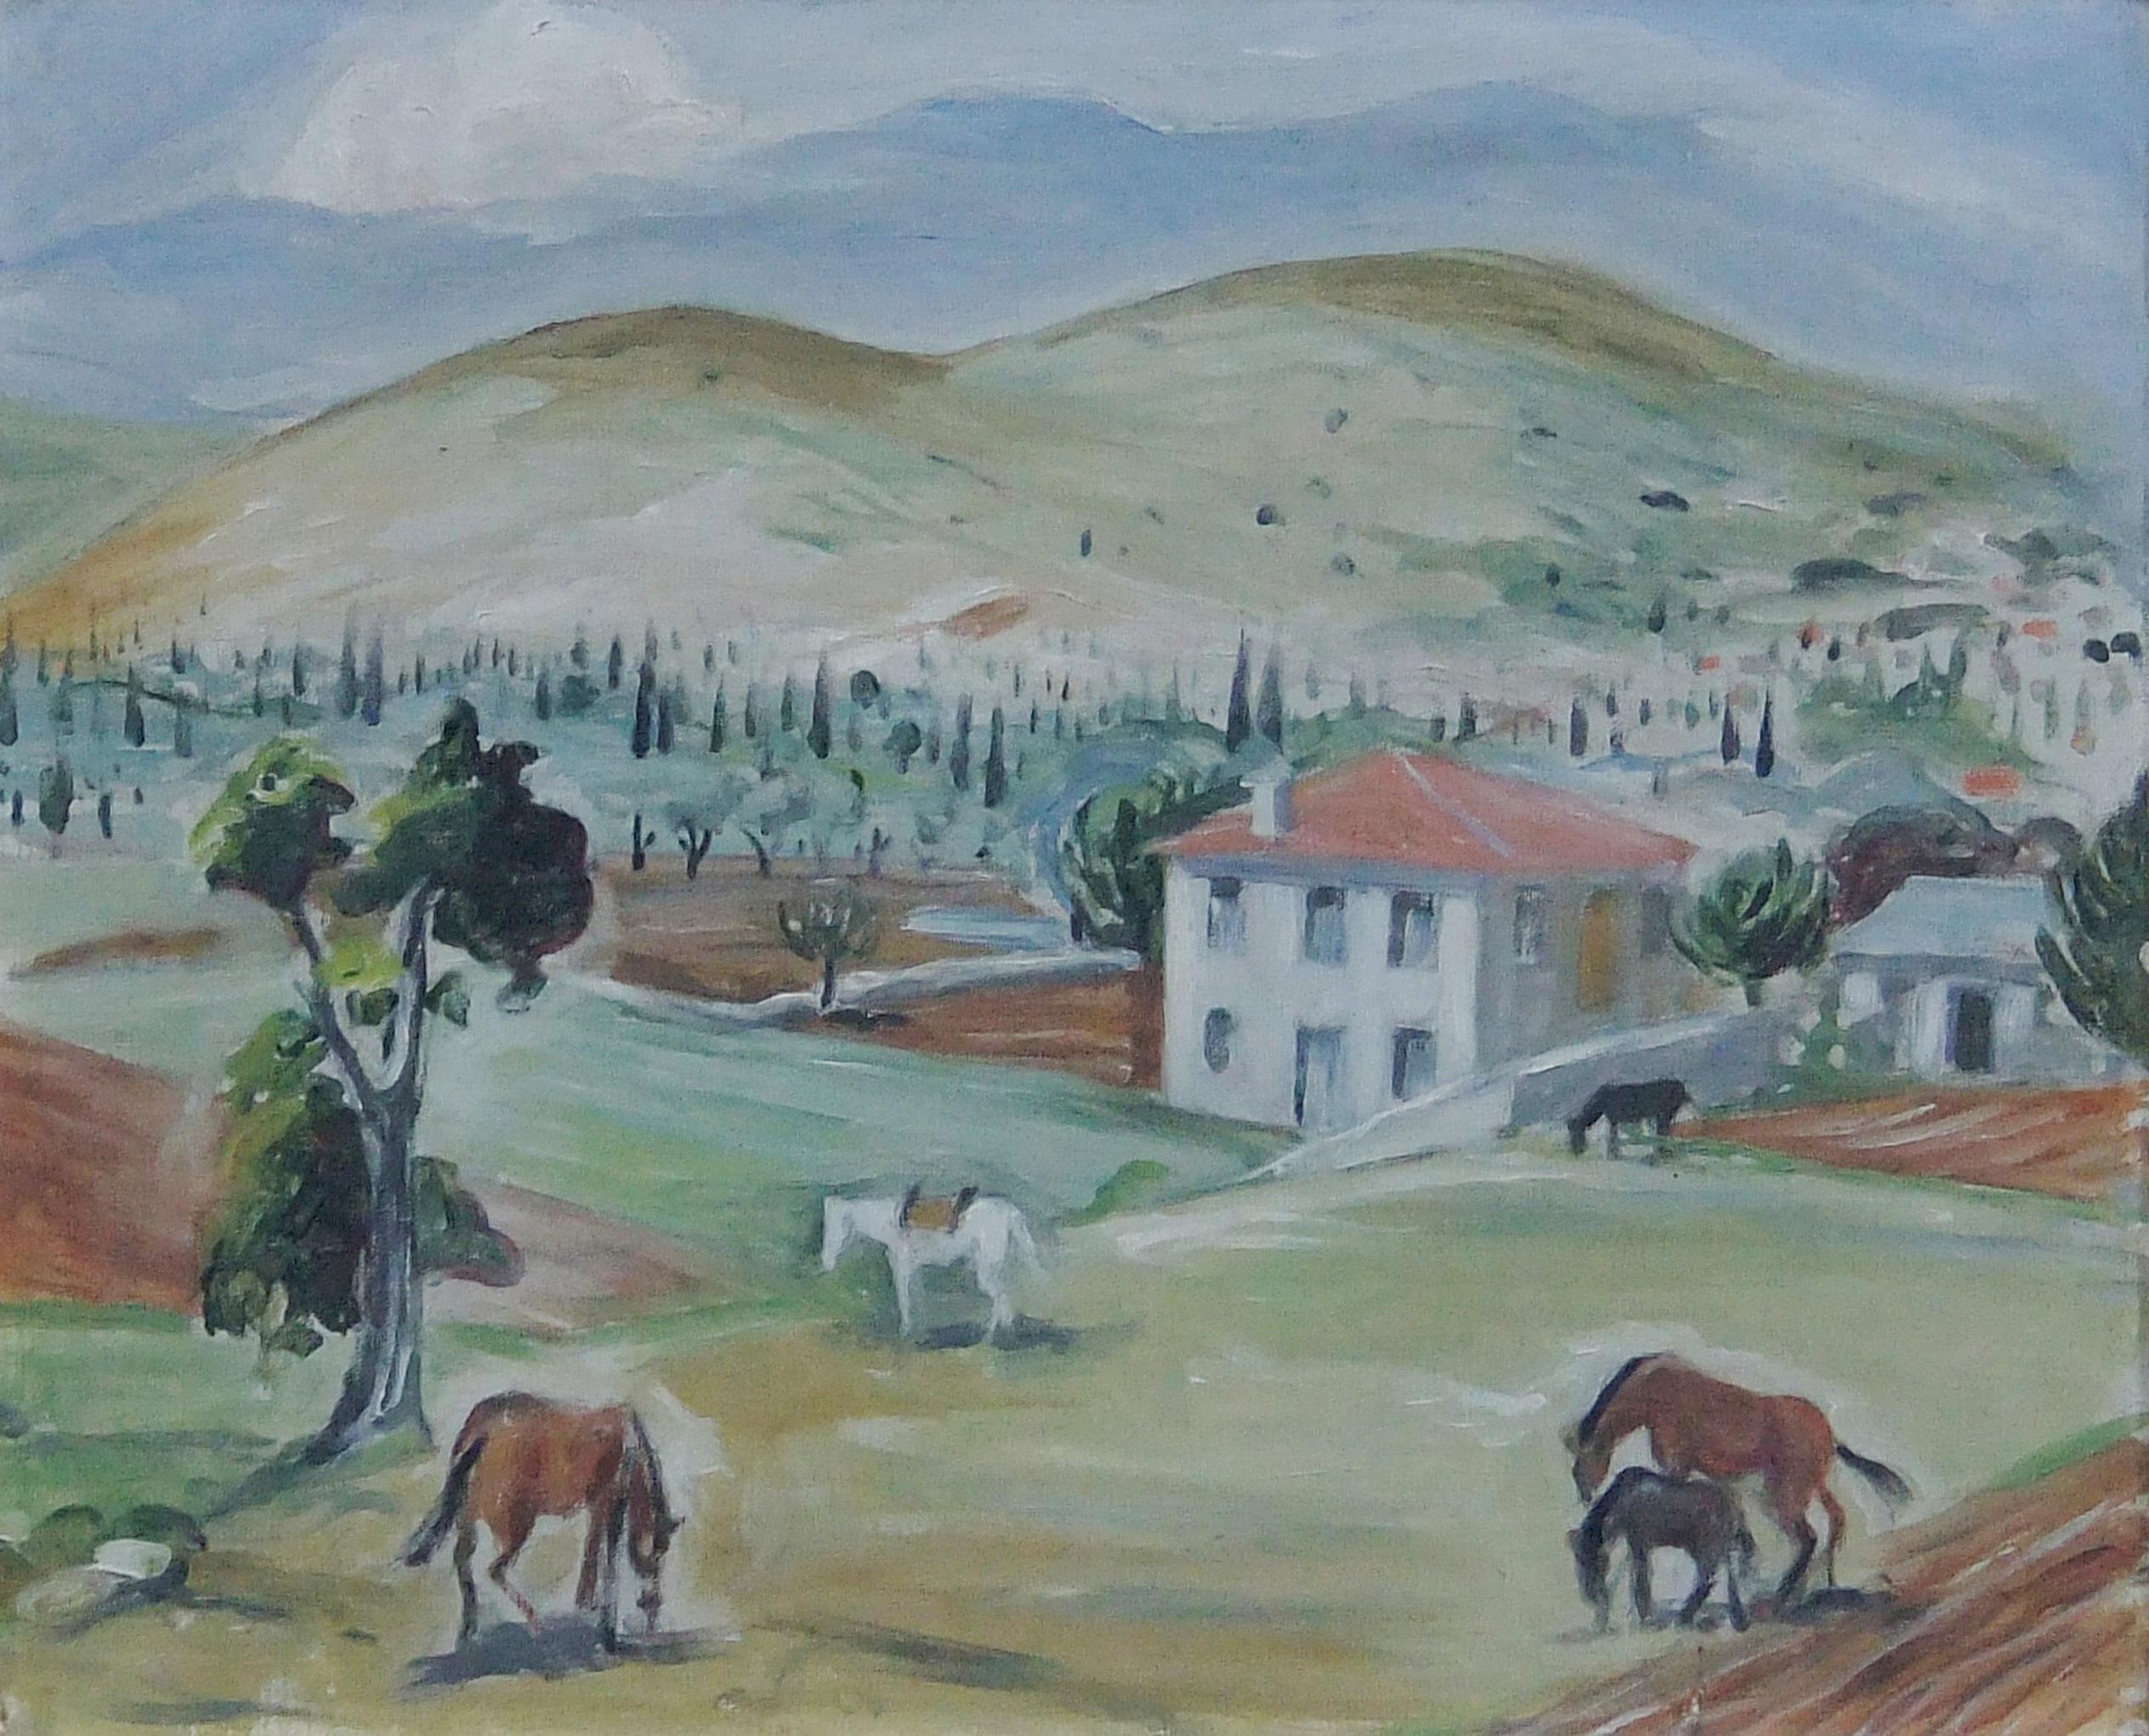 ΛΕΦΑΚΗΣ Χρήστος (1906 - 1968)